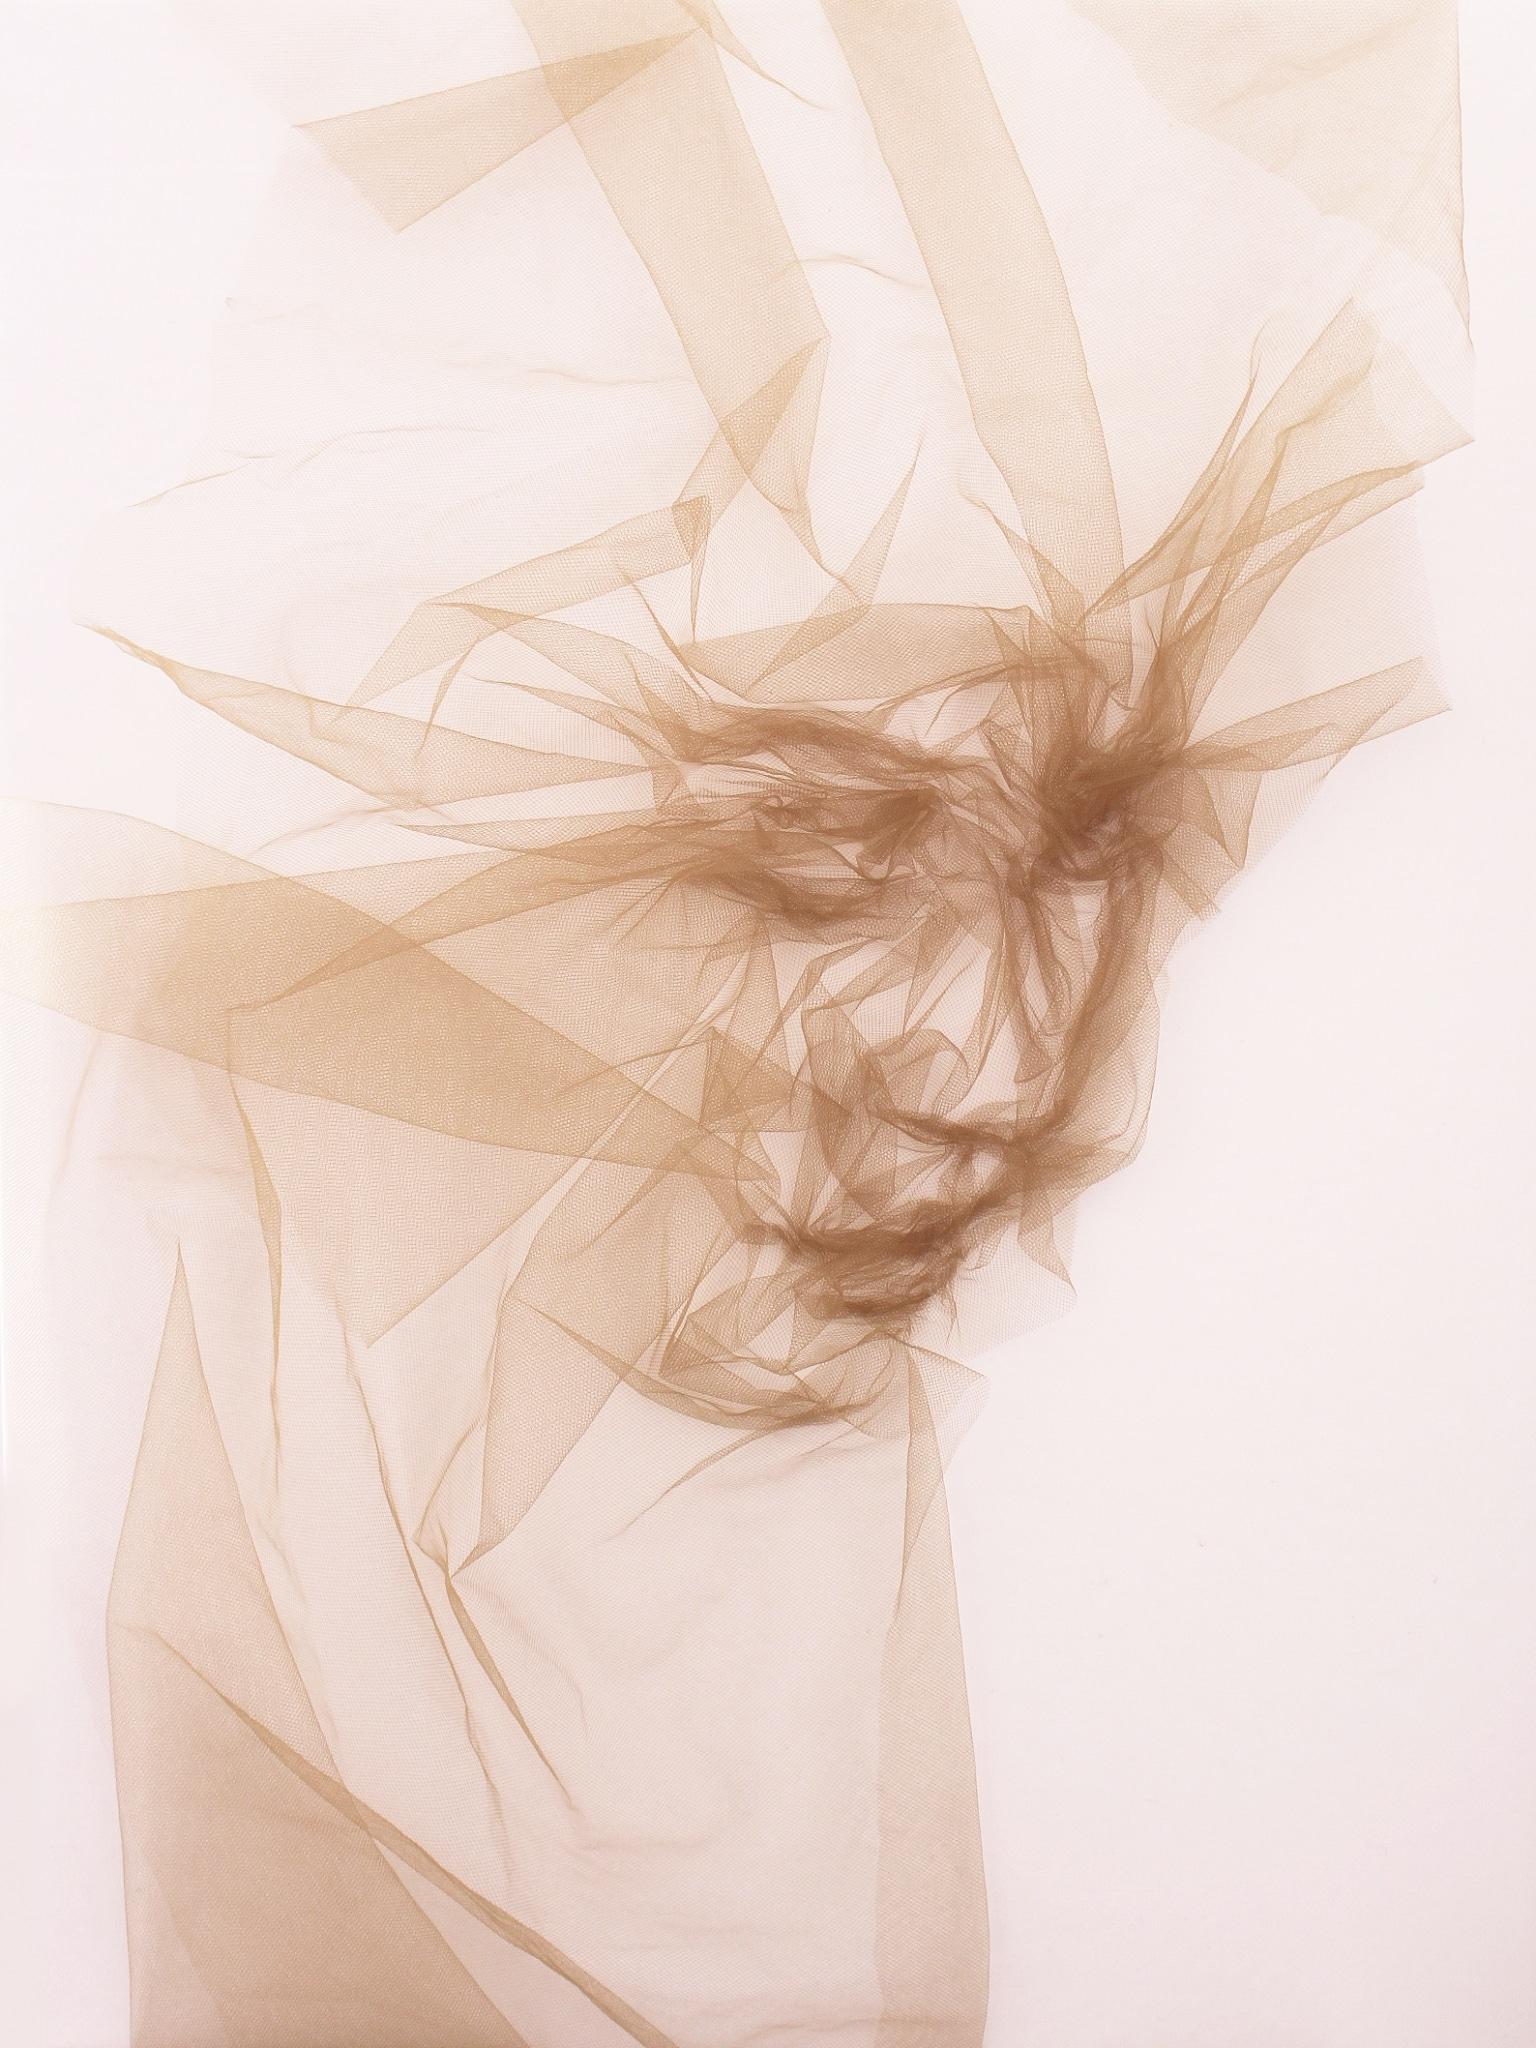 visage de tulle par Benjamin Shine